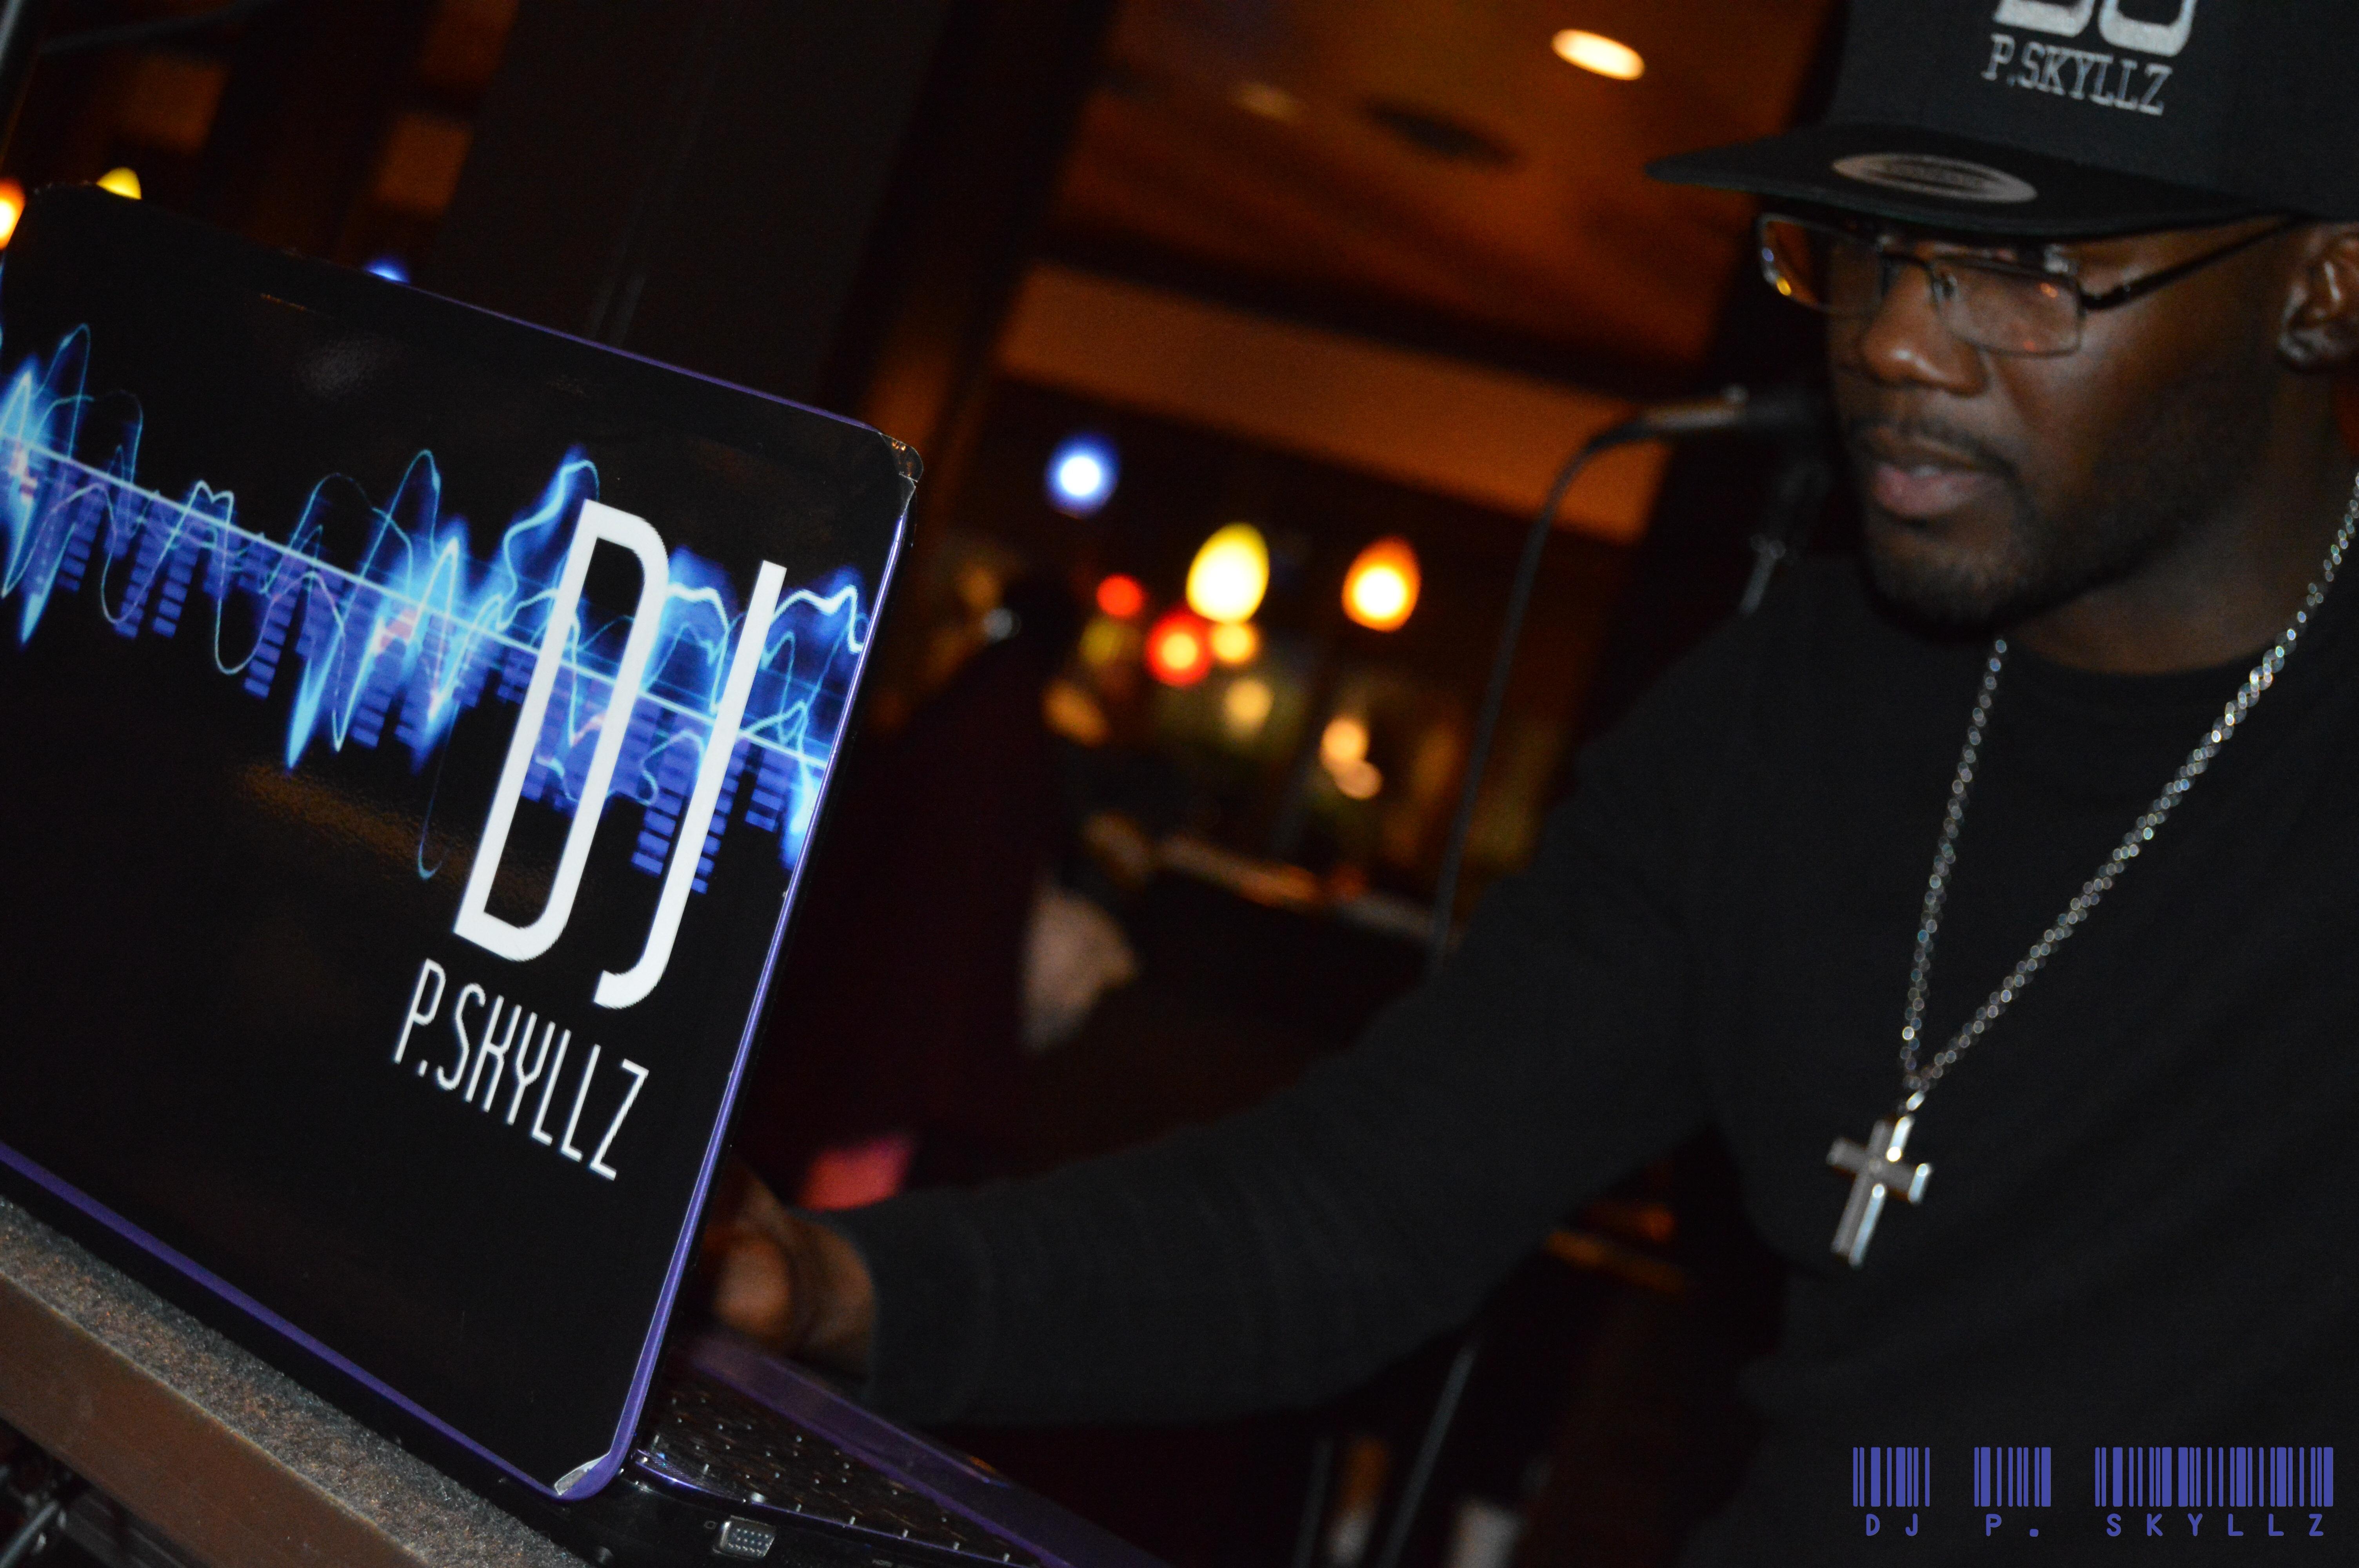 DJ P. Skyllz 1